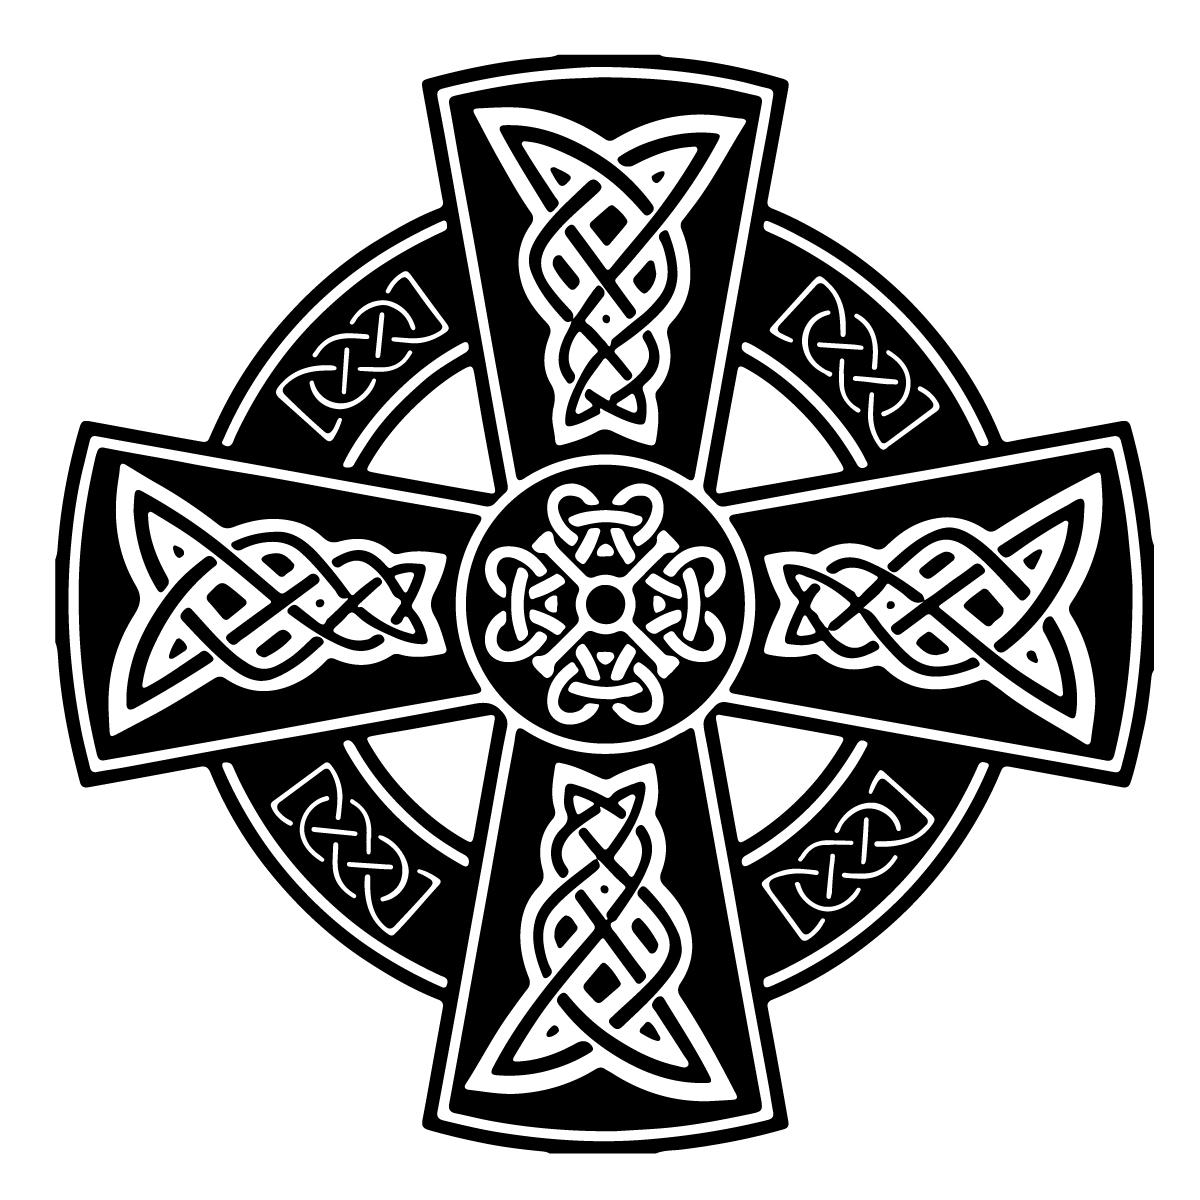 Nemesis goddess symbol images symbol and sign ideas ancient greek mythology symbols images symbol and sign ideas greek mythological symbols choice image symbol and biocorpaavc